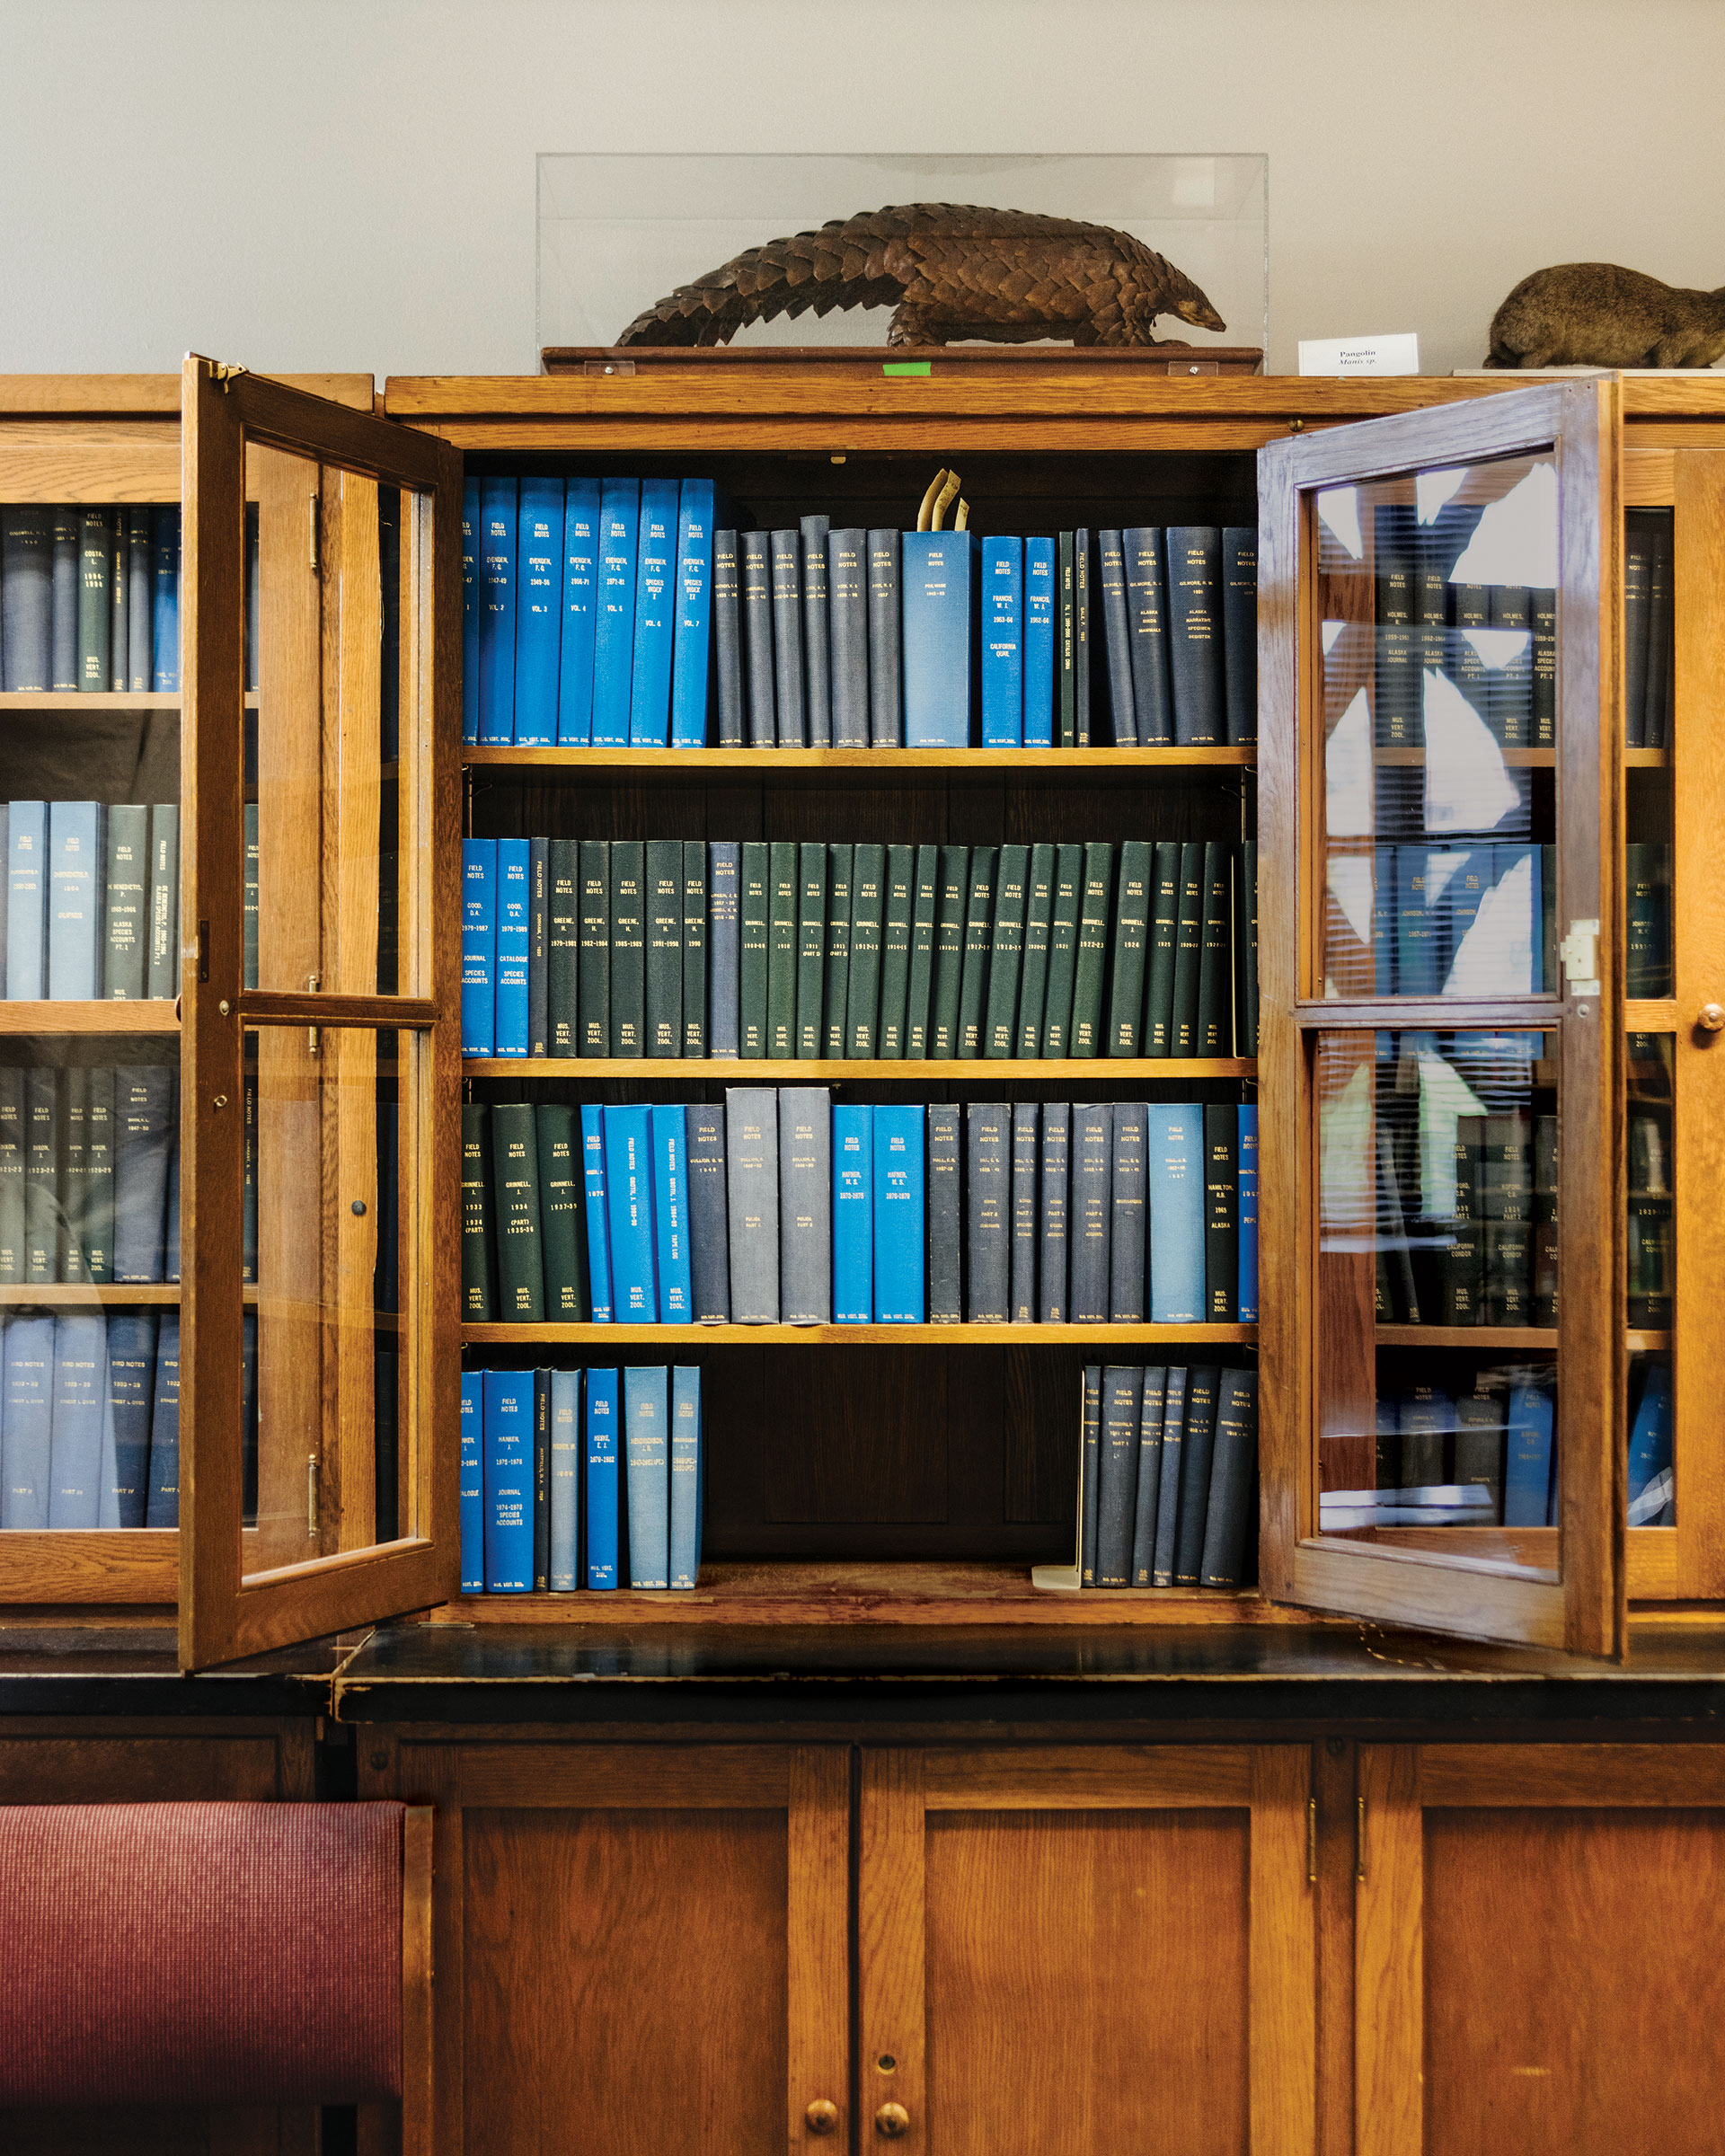 Durante años, los científicos del museo celebraron reuniones de personal semanales frente a un tesoro oculto.